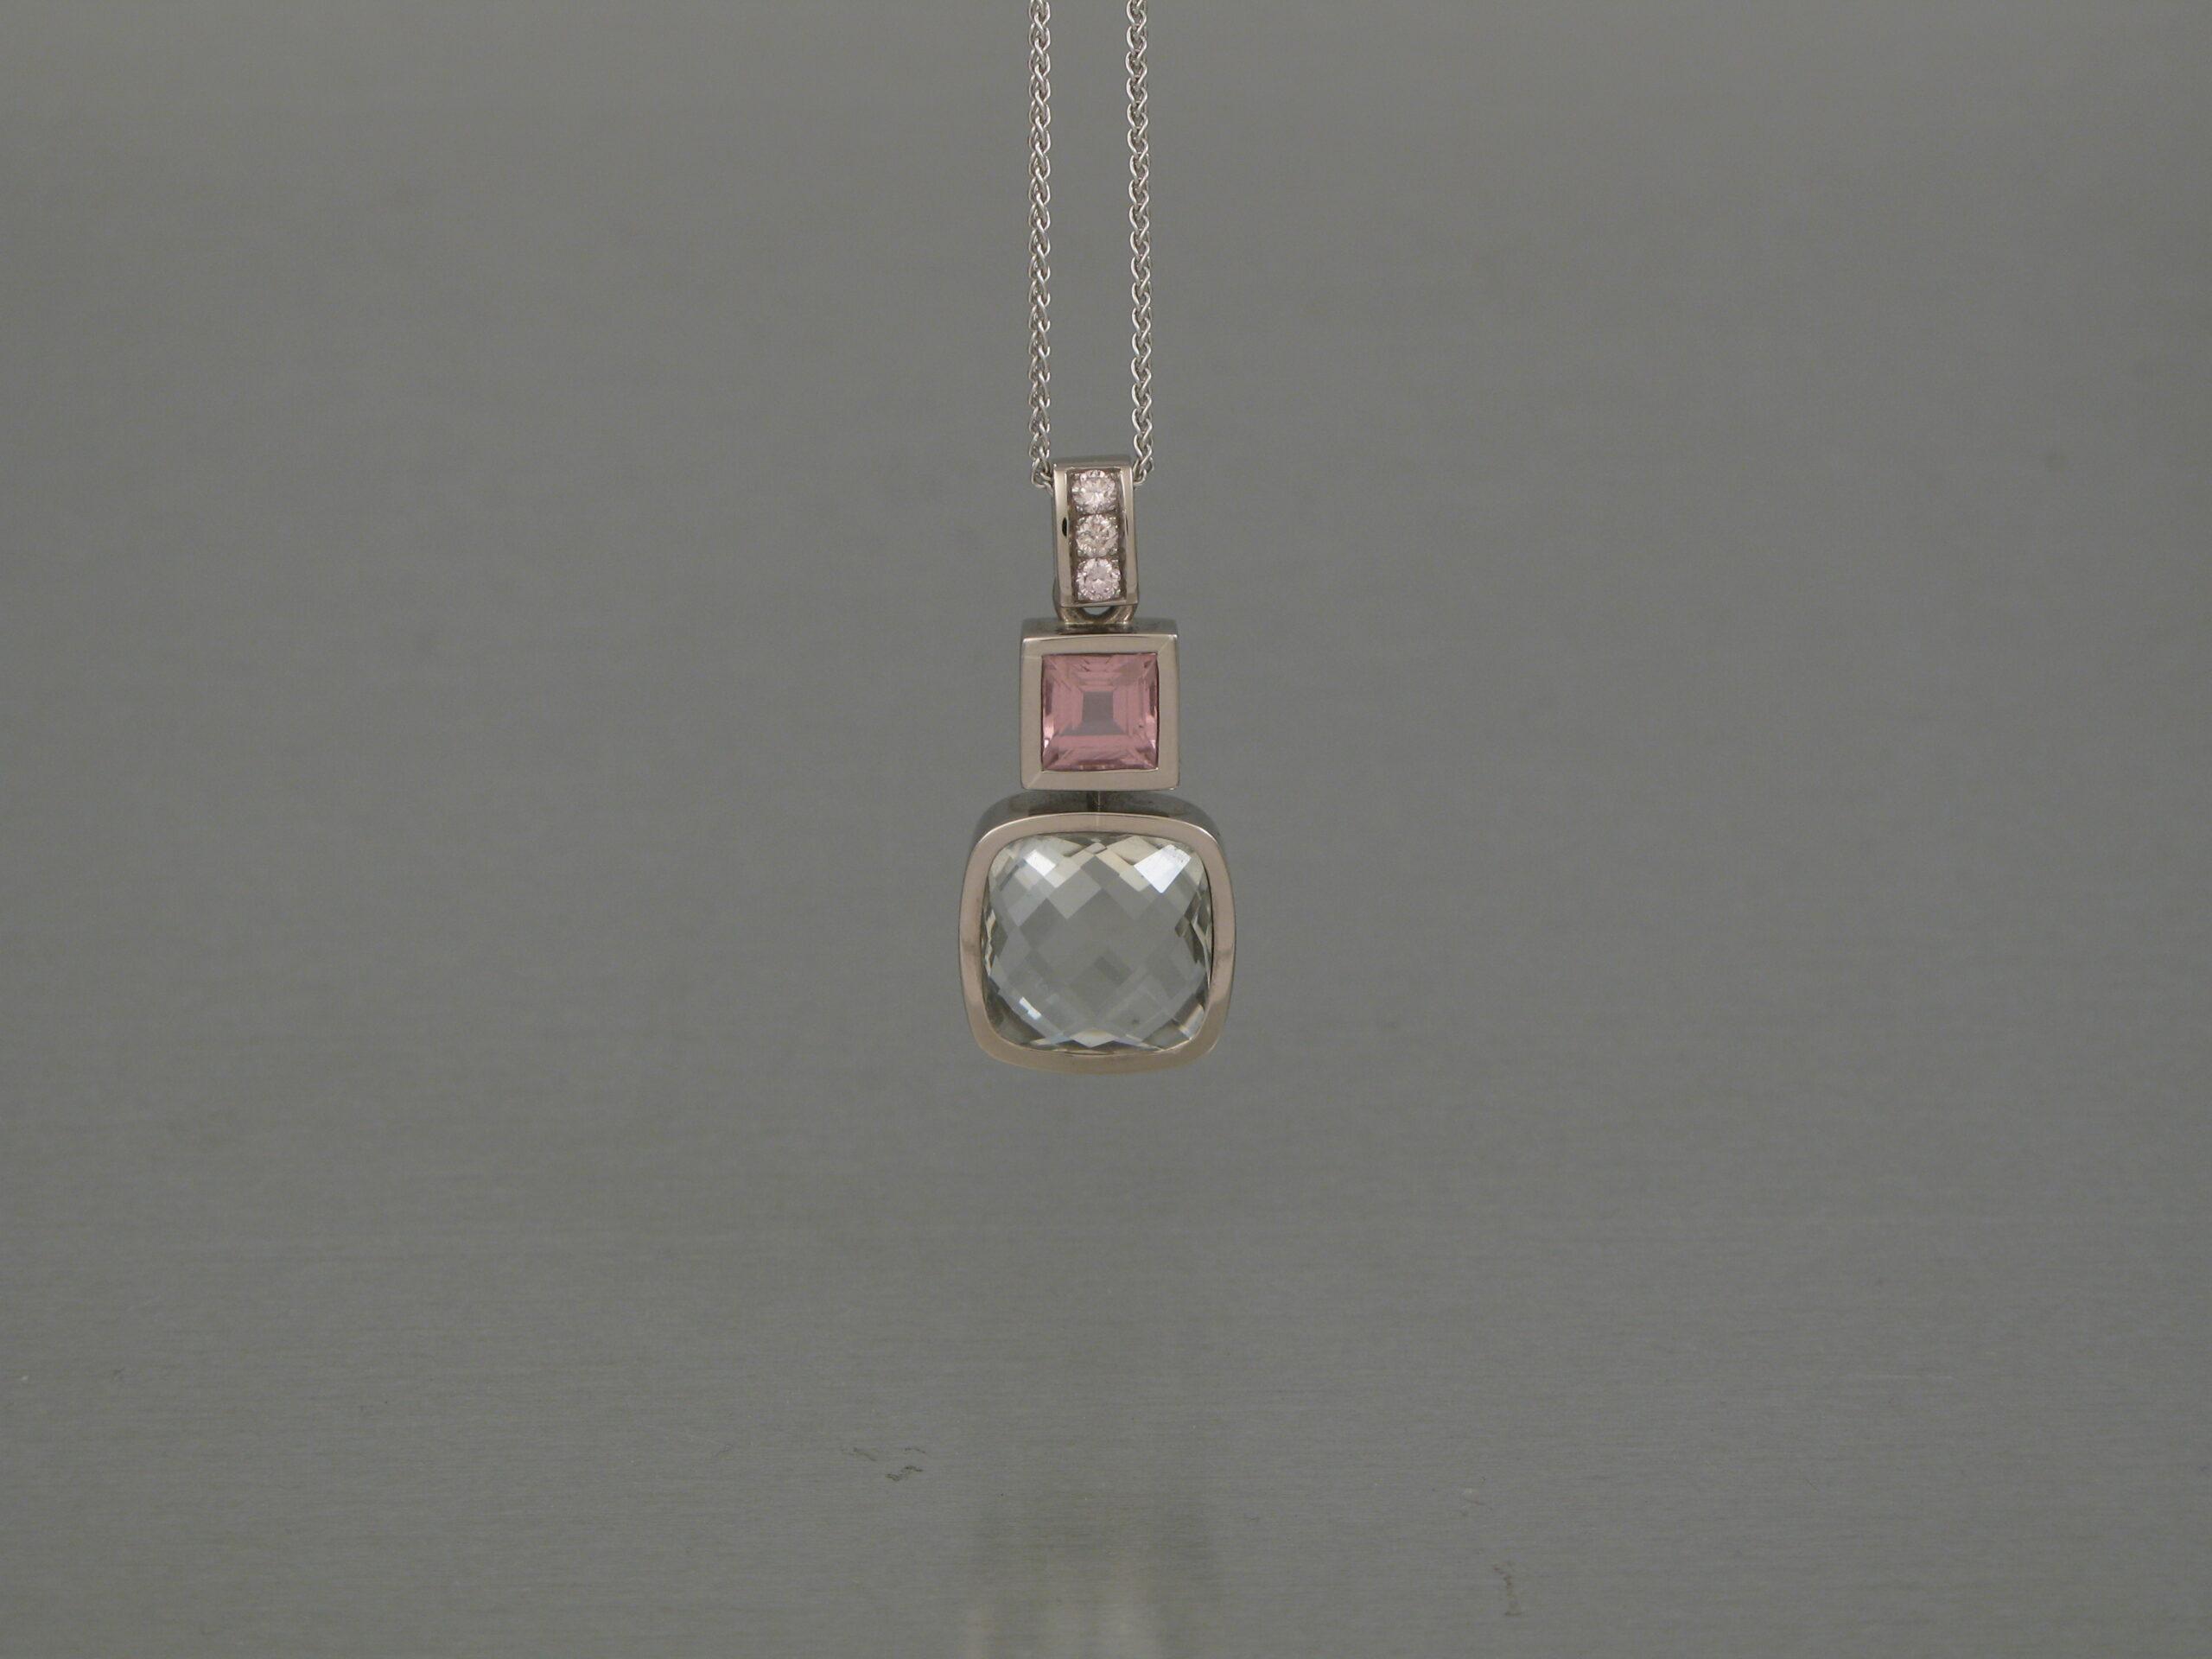 Hänge, vitguld, beryll, rosa turmalin och rosa diamanter (osäker bild)